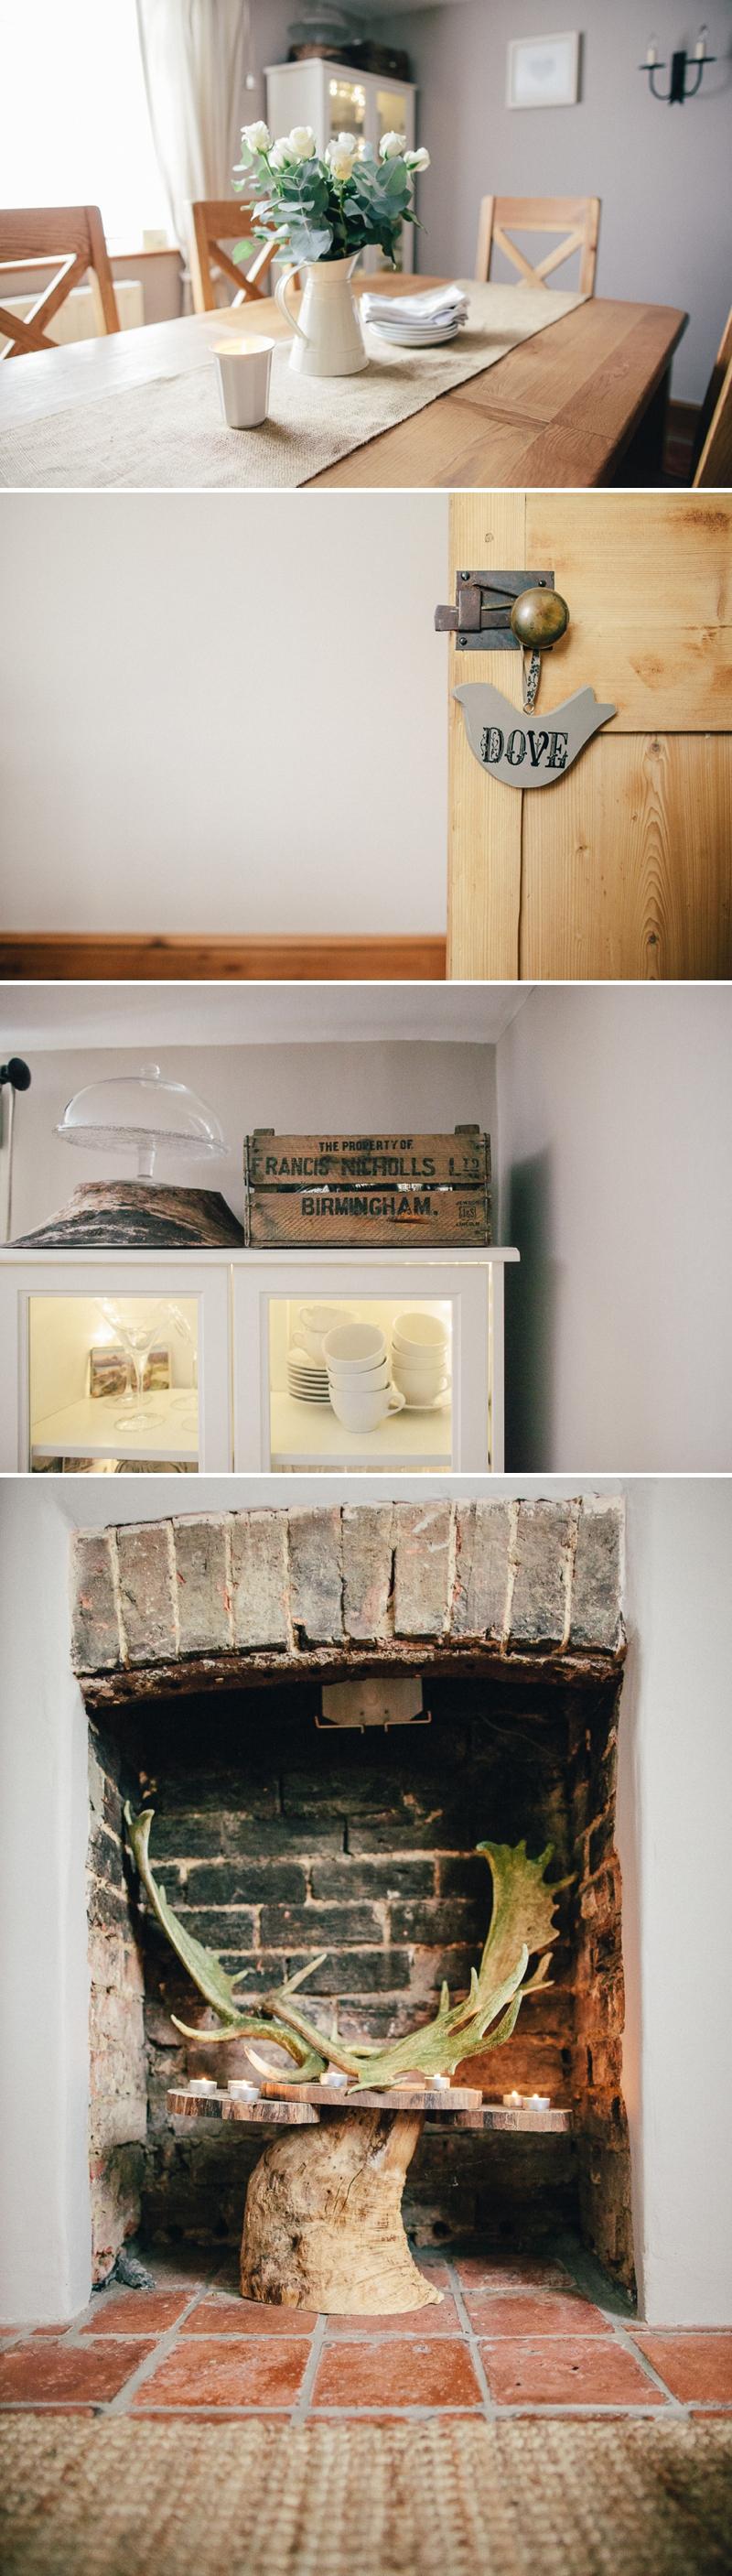 Fairly light contemporary home interiors blog_0115